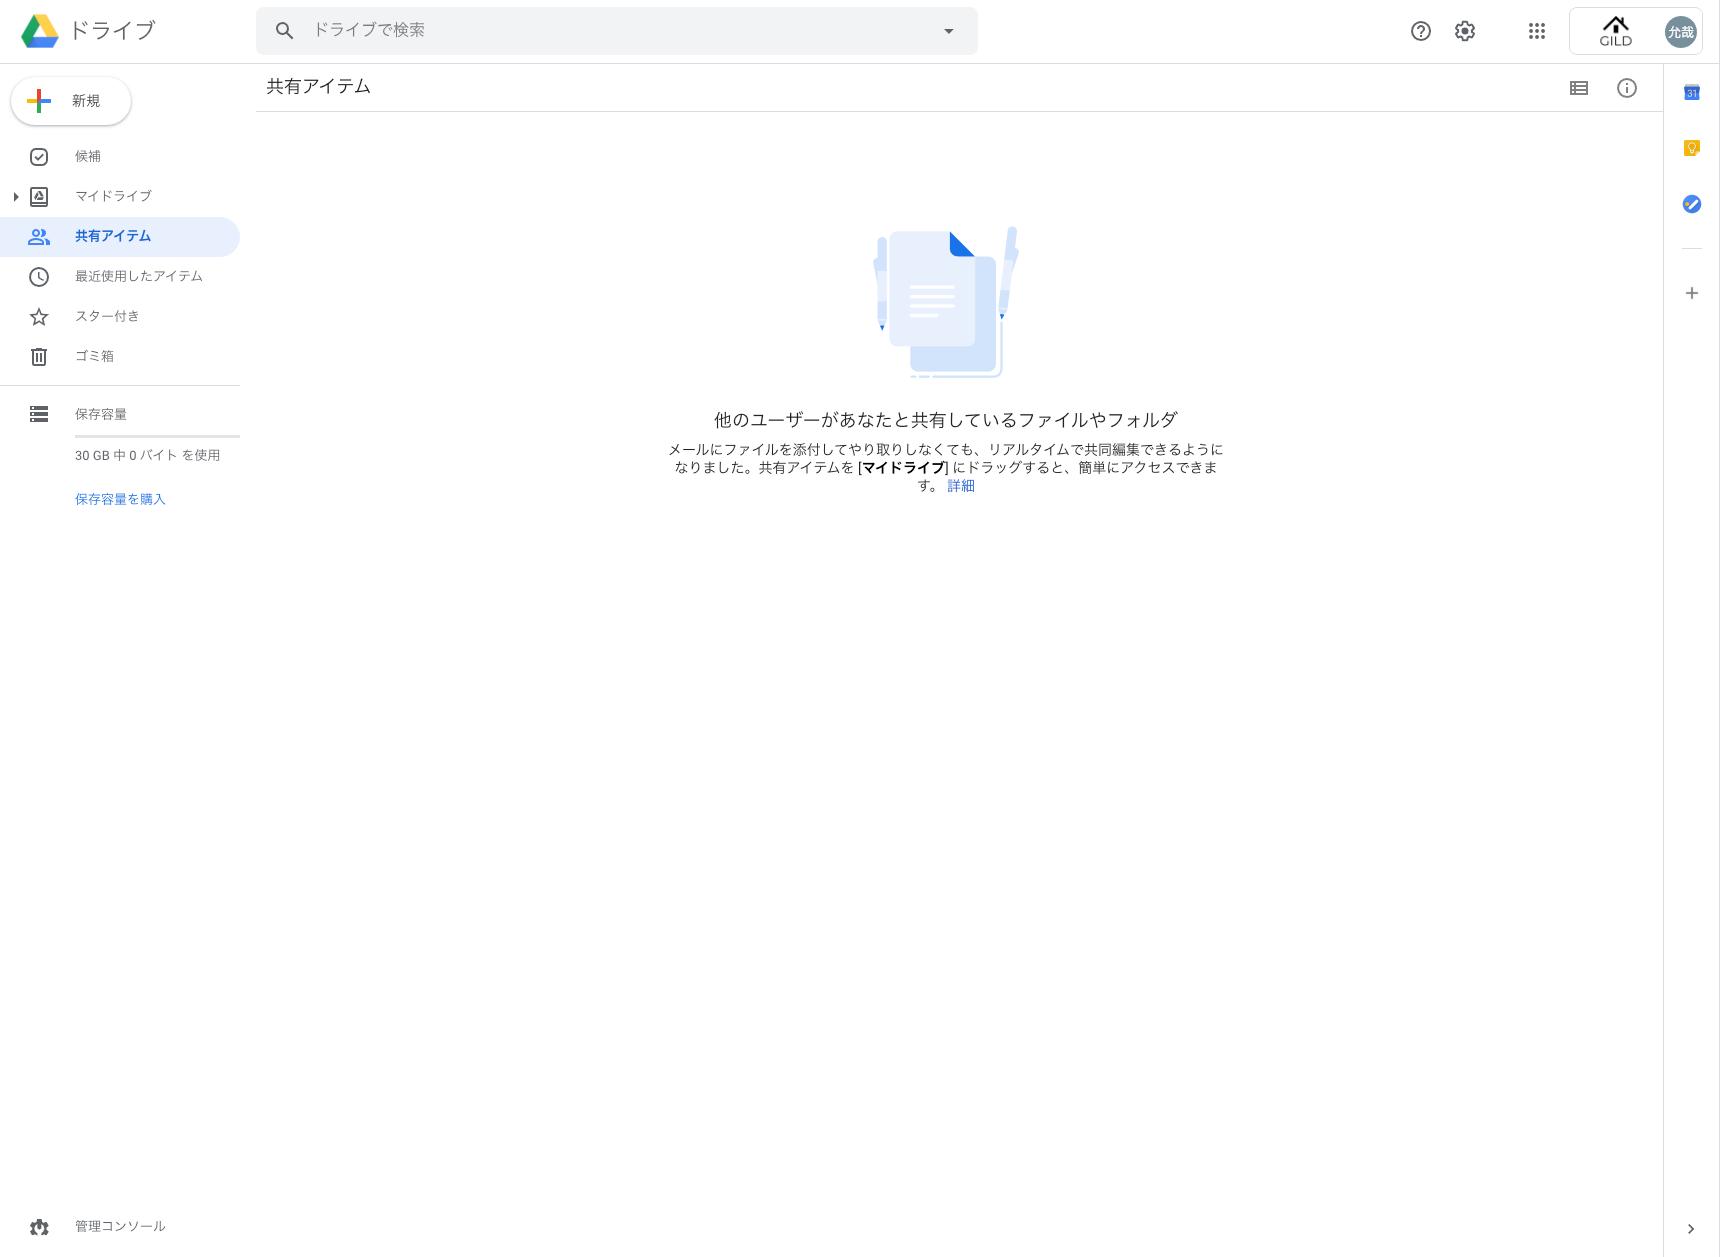 FireShot Capture 011 - 共有アイテム - Google ドライブ - drive.google.com.png